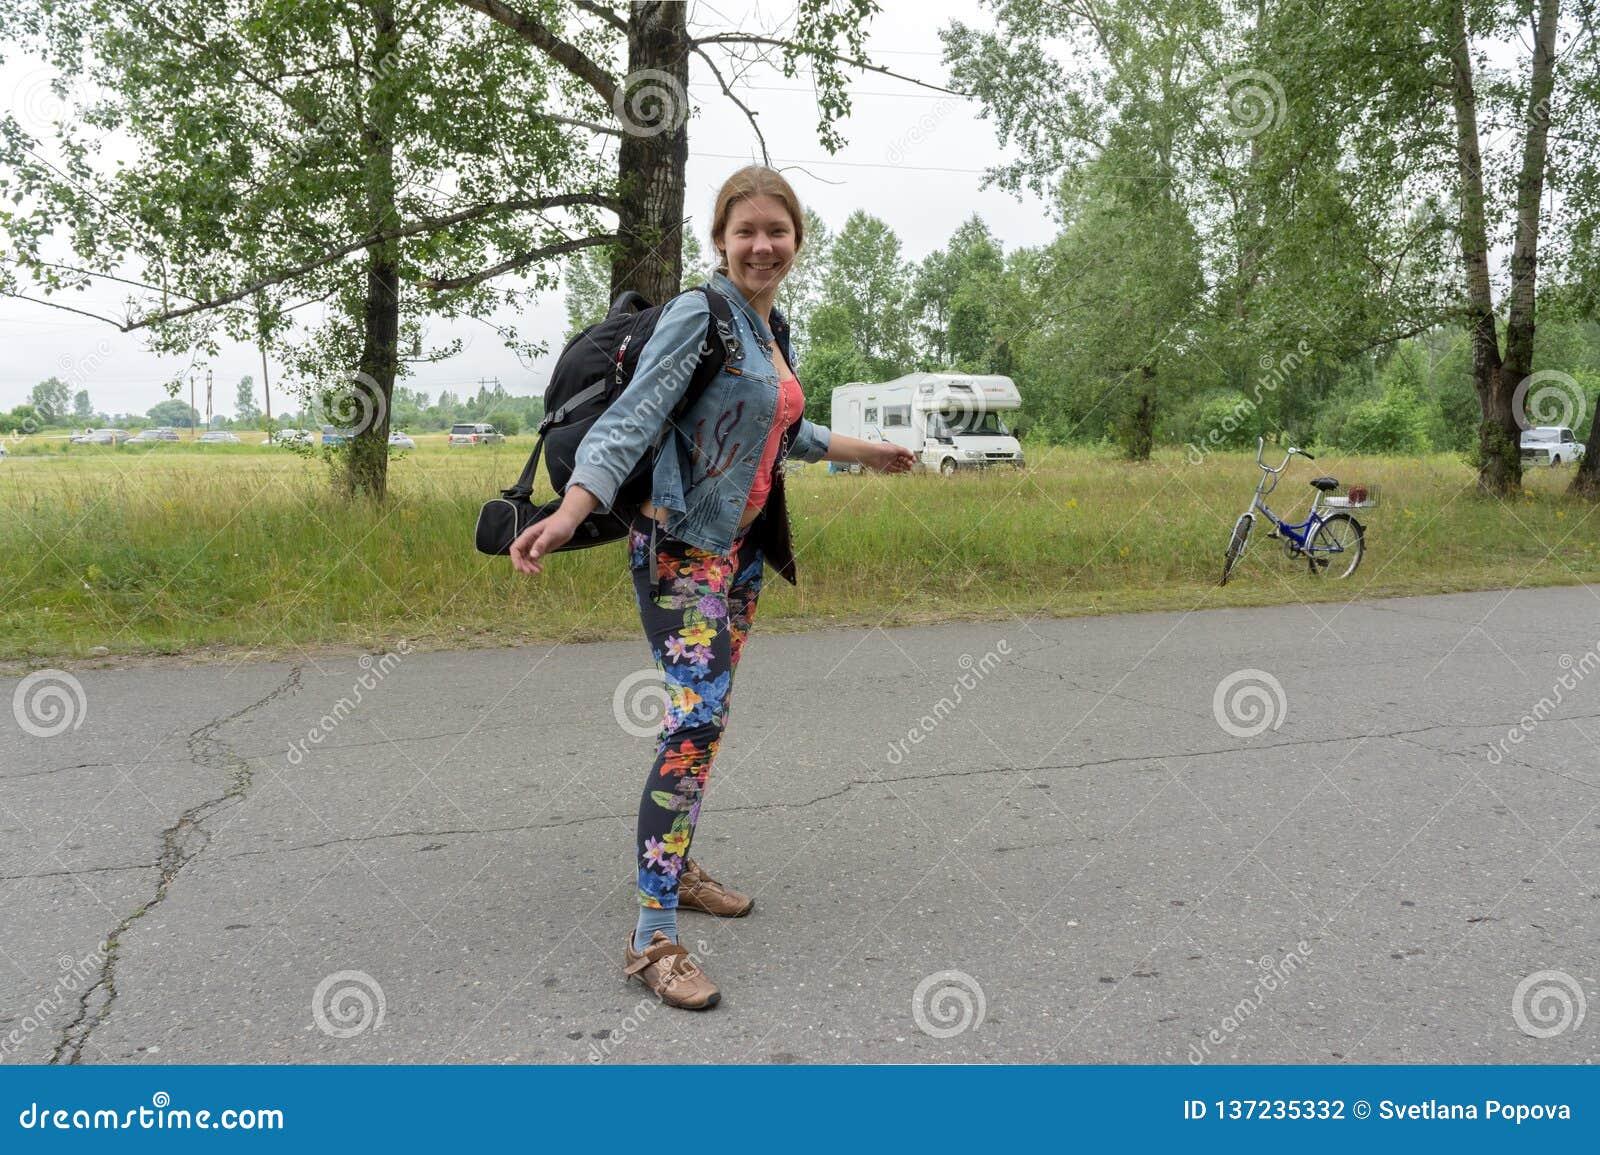 El backpacker feliz de la muchacha se coloca con una mochila en el camino, contra la perspectiva de árboles en un día de verano